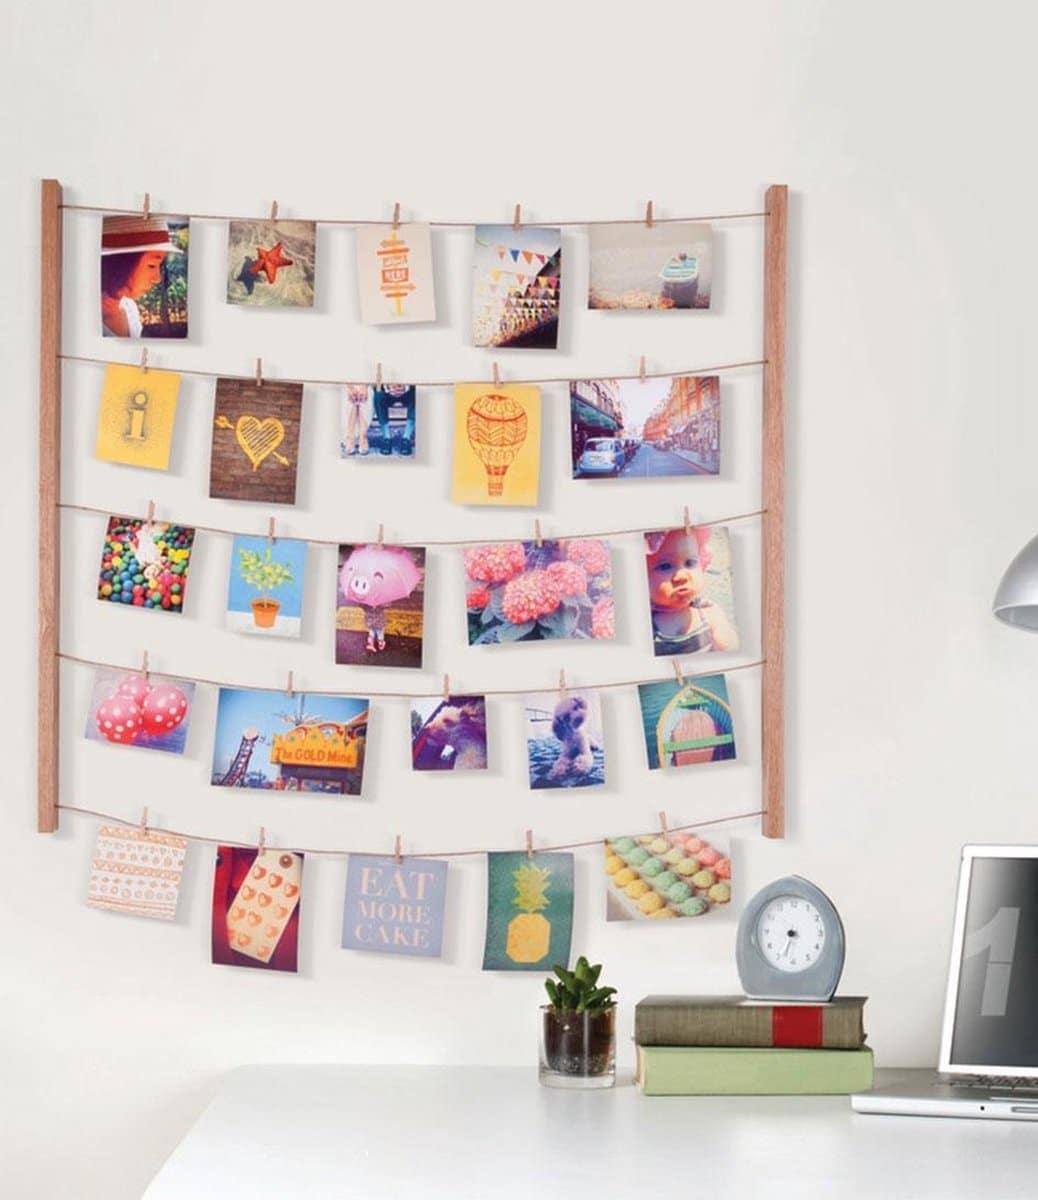 Cadeau voor Oma - Fotocollage met knijpers